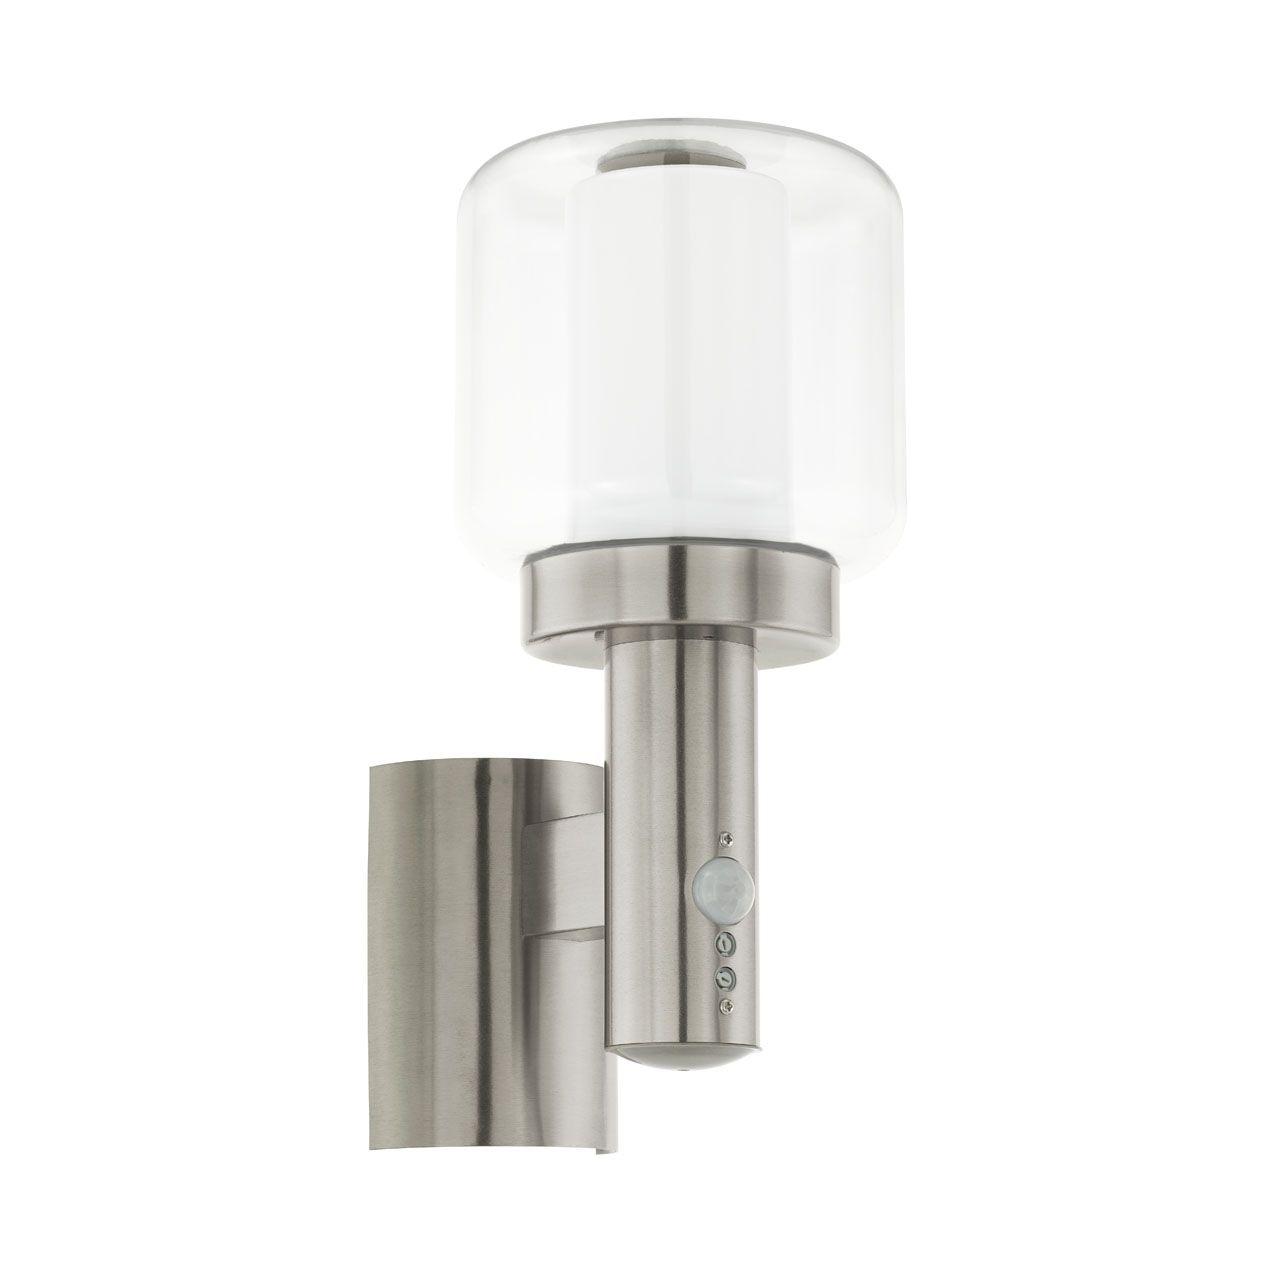 Купить Уличный настенный светильник Eglo Poliento с плафоном из стекла, inmyroom, Австрия